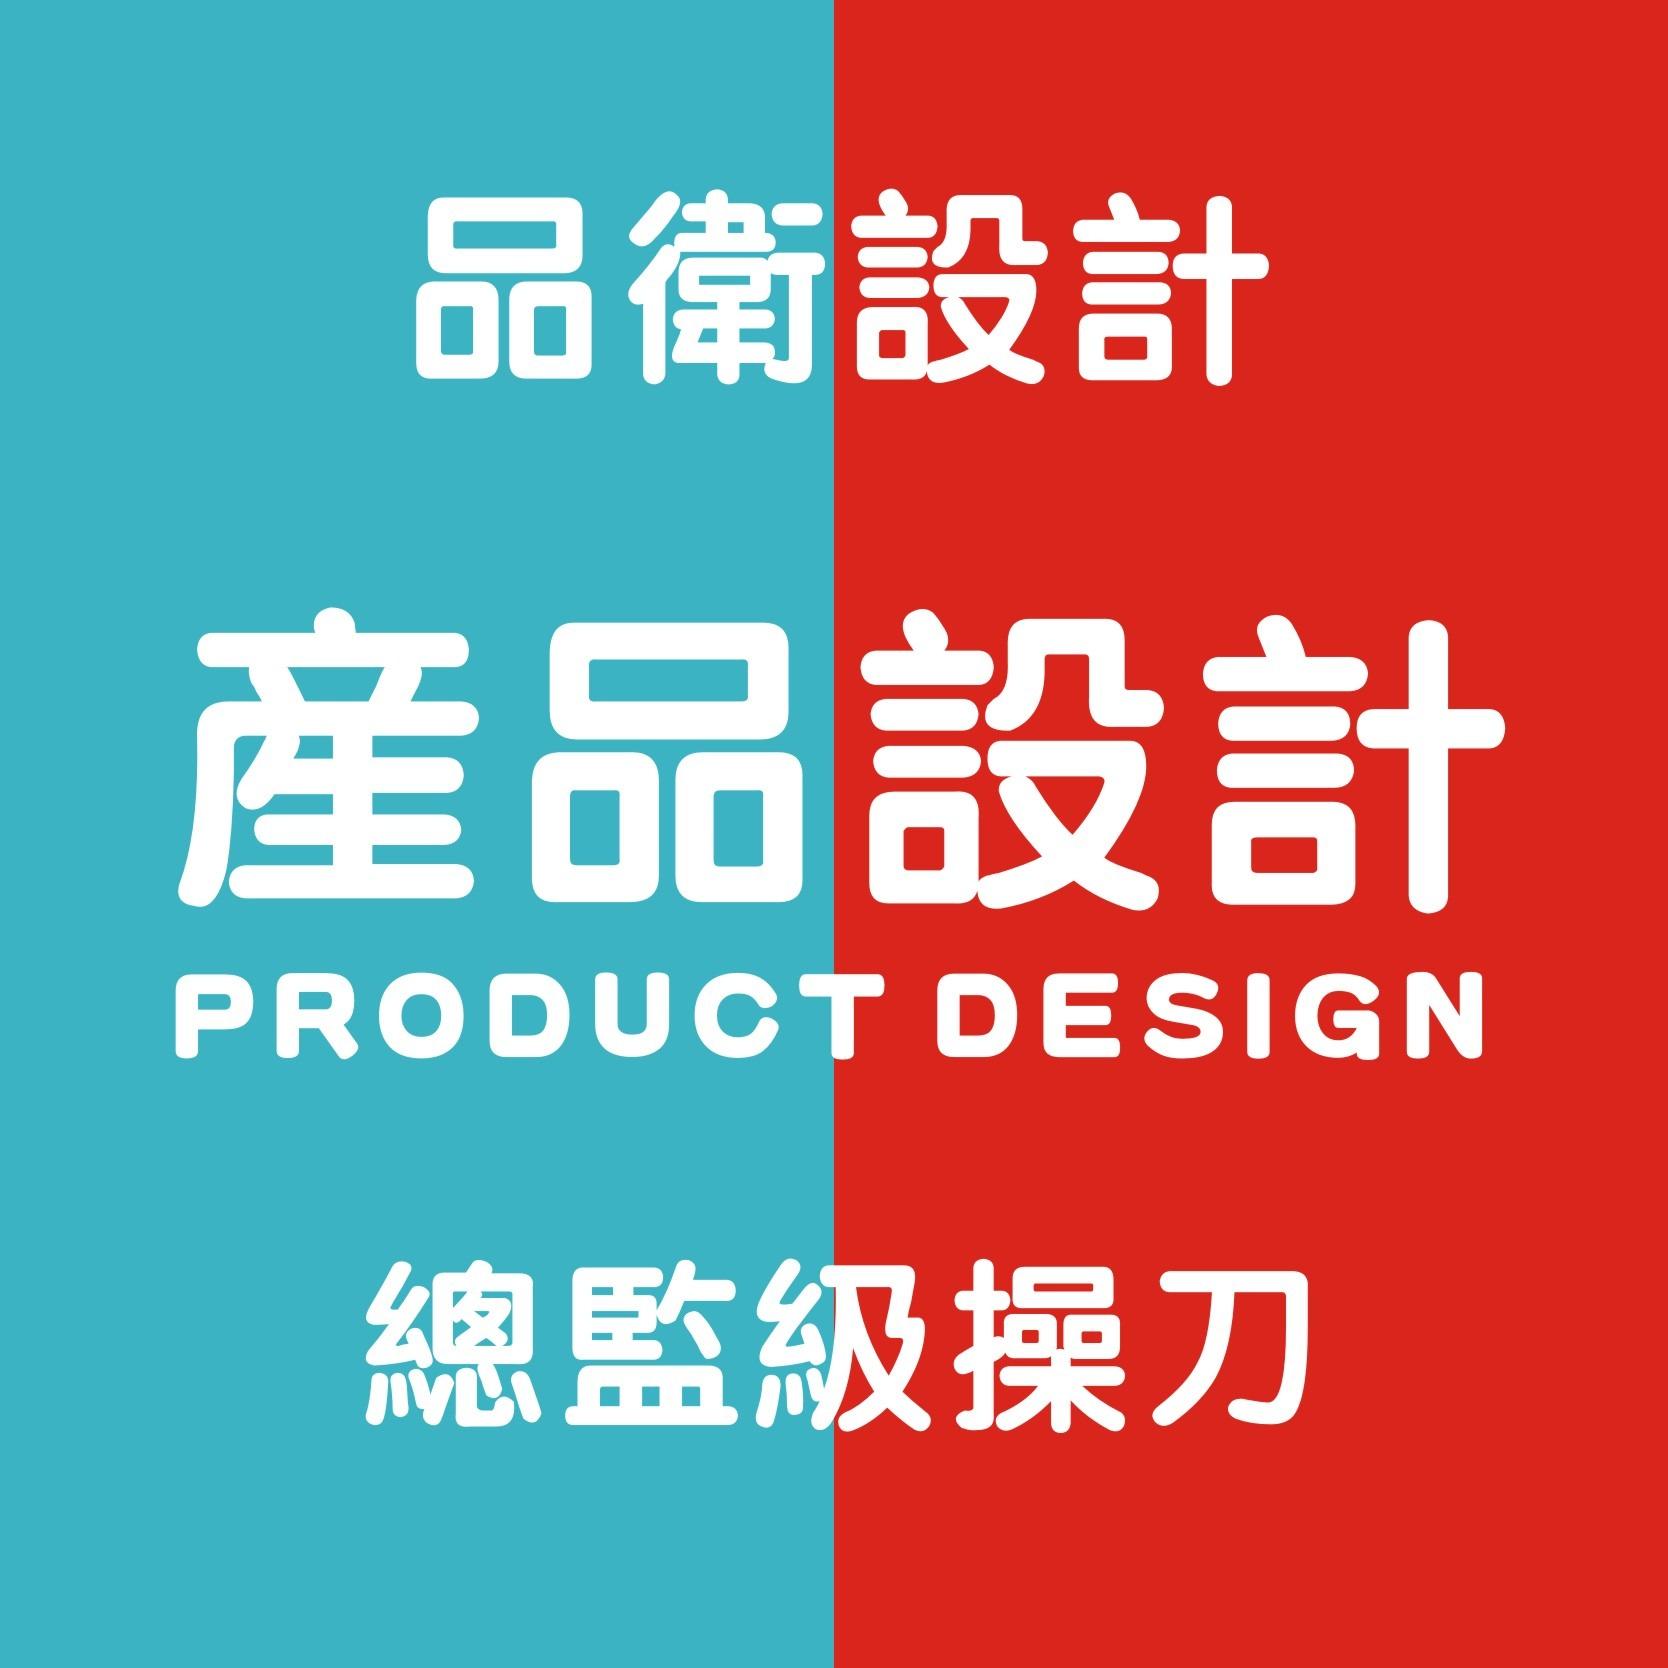 工业设计产品外观设计3D建模渲染效果图结构设计ID产品设计